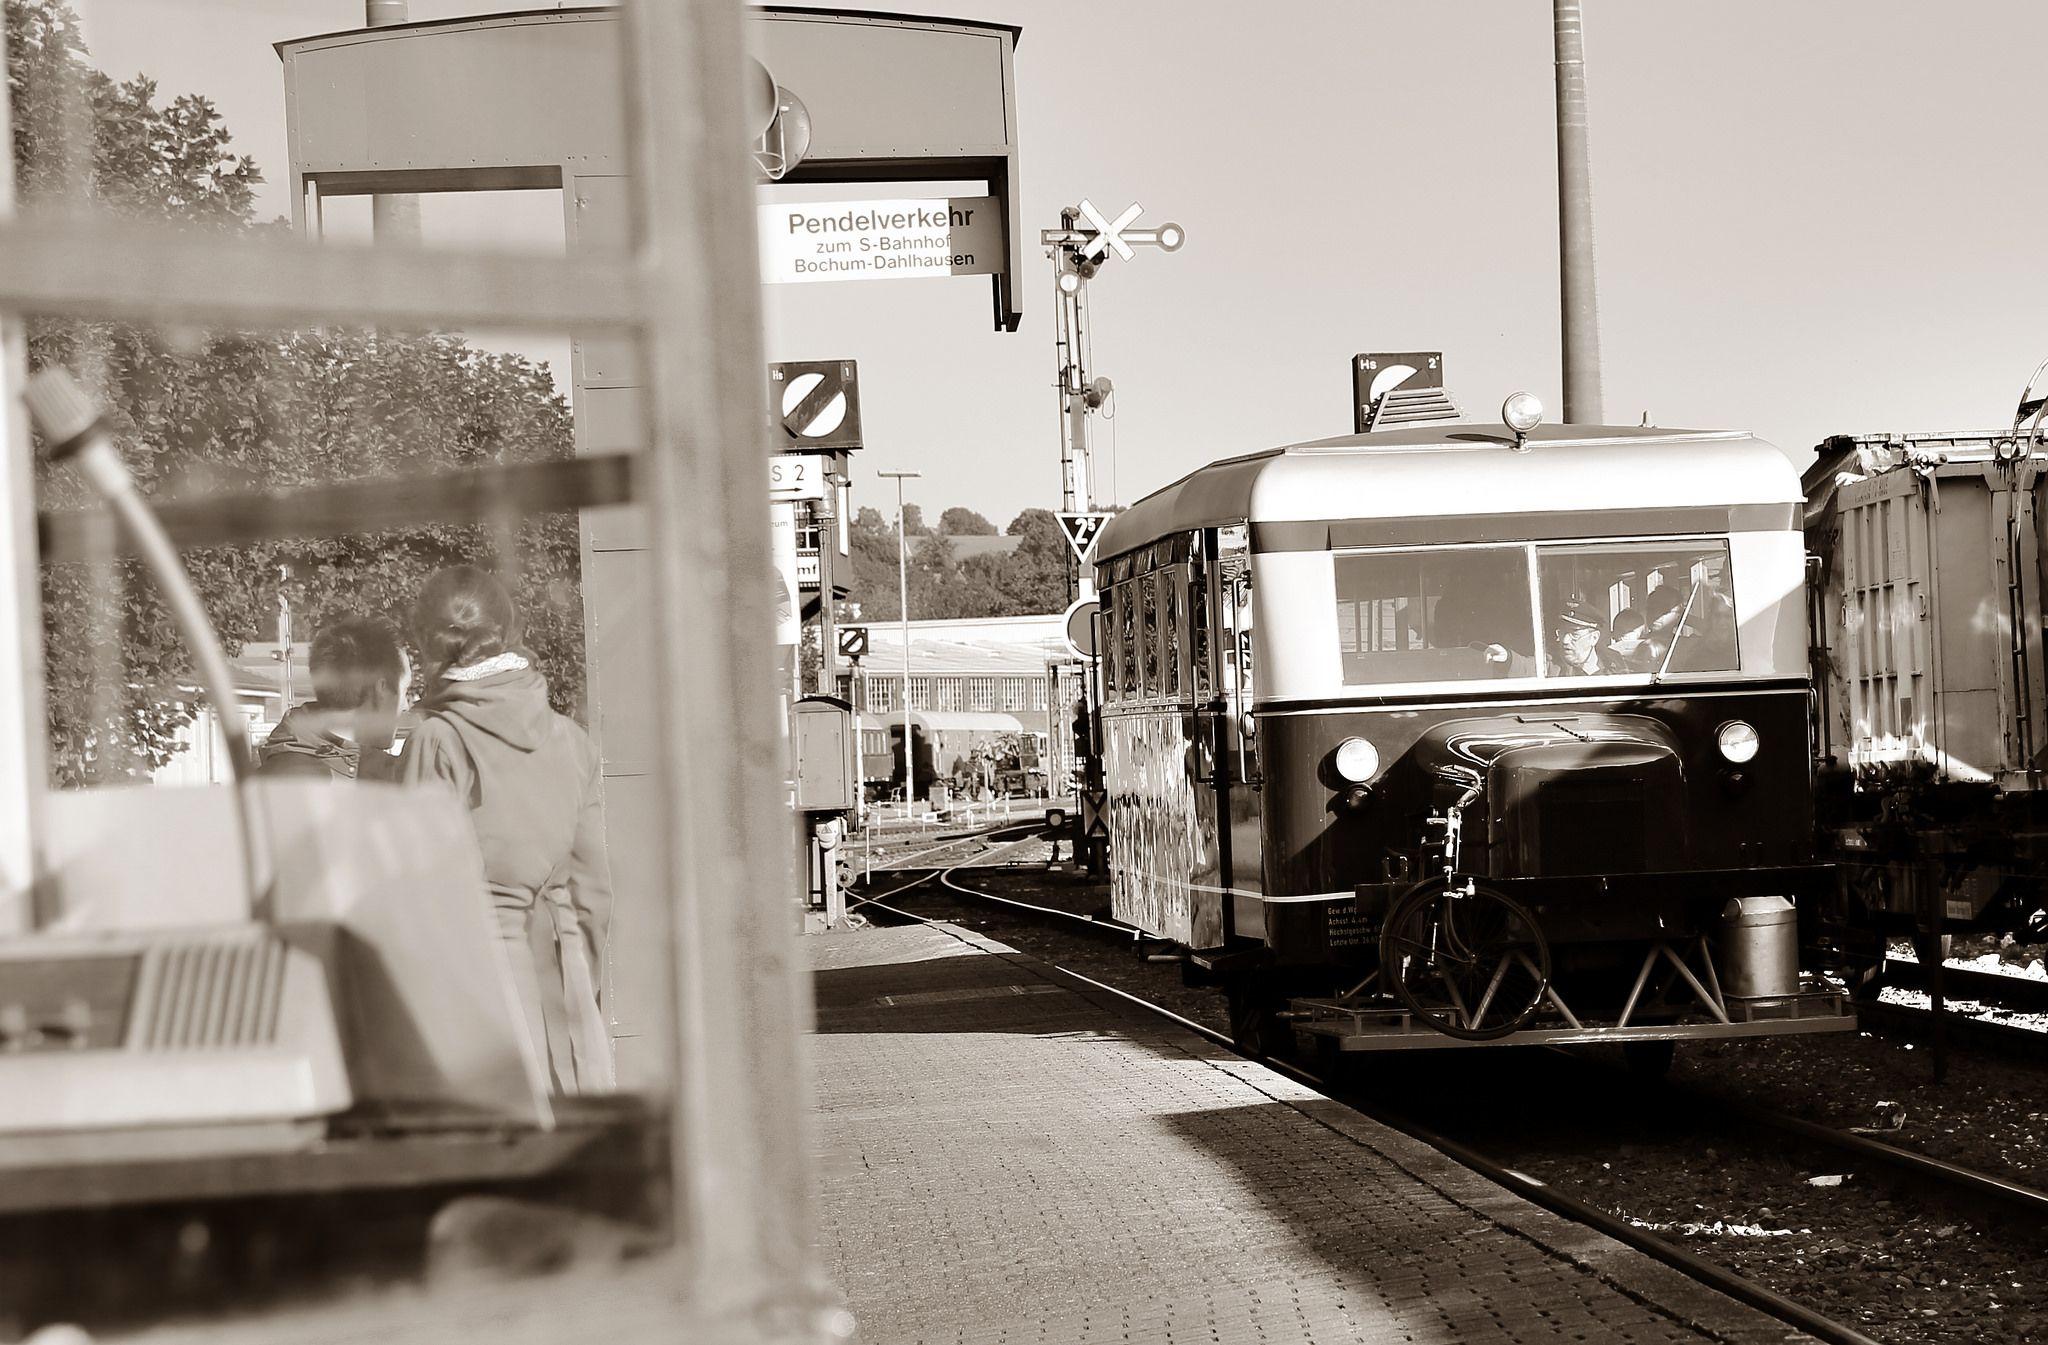 https://flic.kr/p/zNF3g5 | shuttle | Eisenbahnmuseum Bochum-Dahlhausen